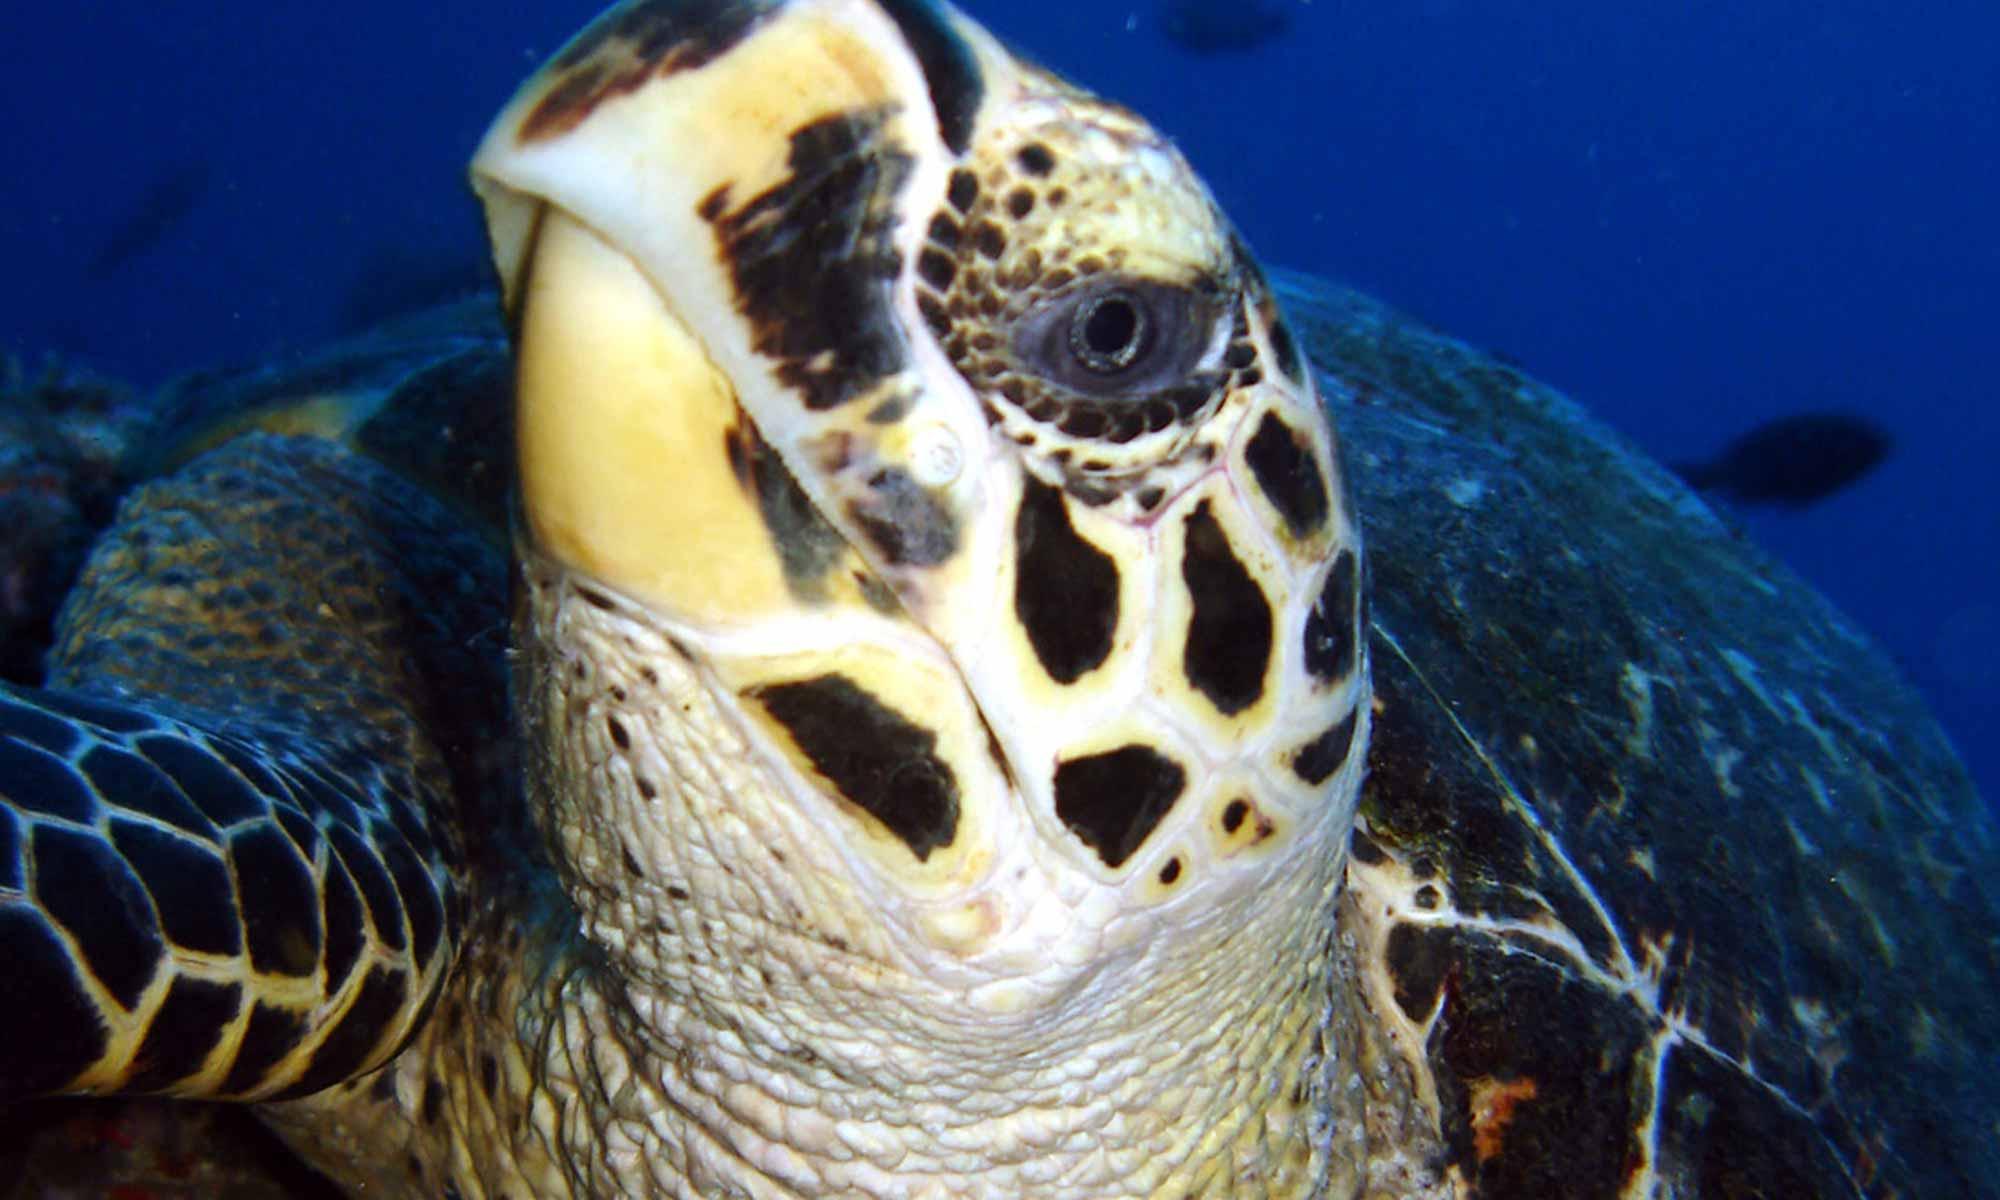 Slow Dive Indischer Ozean Malediven Euro Divers Kurumba Schildkröte